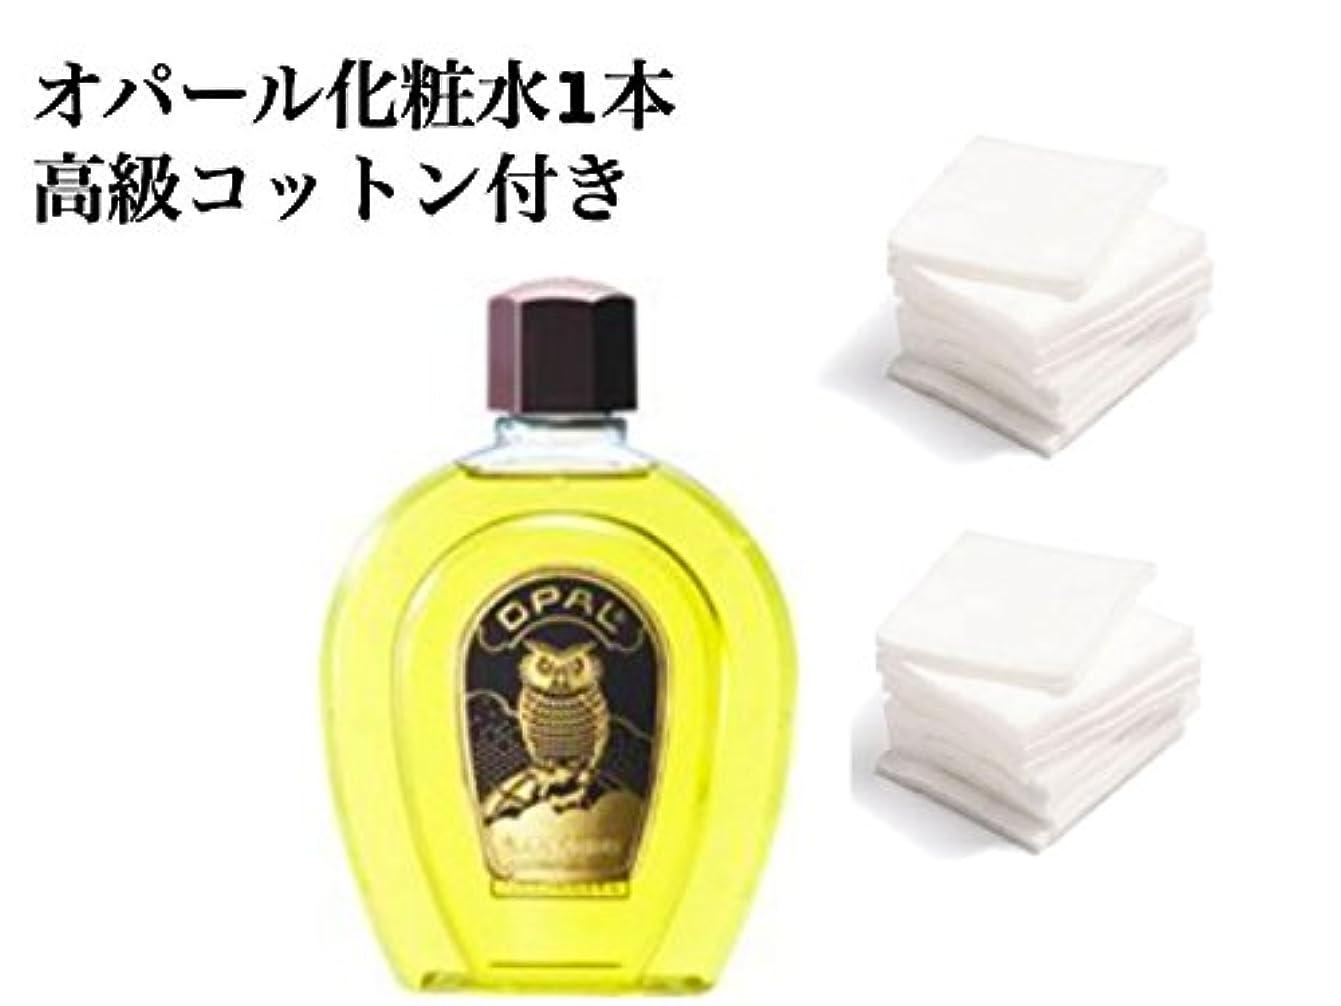 鉄道つらいあたたかい薬用オパール 普通肌?荒肌用化粧水 [医薬部外品] (150mL) コットン付き